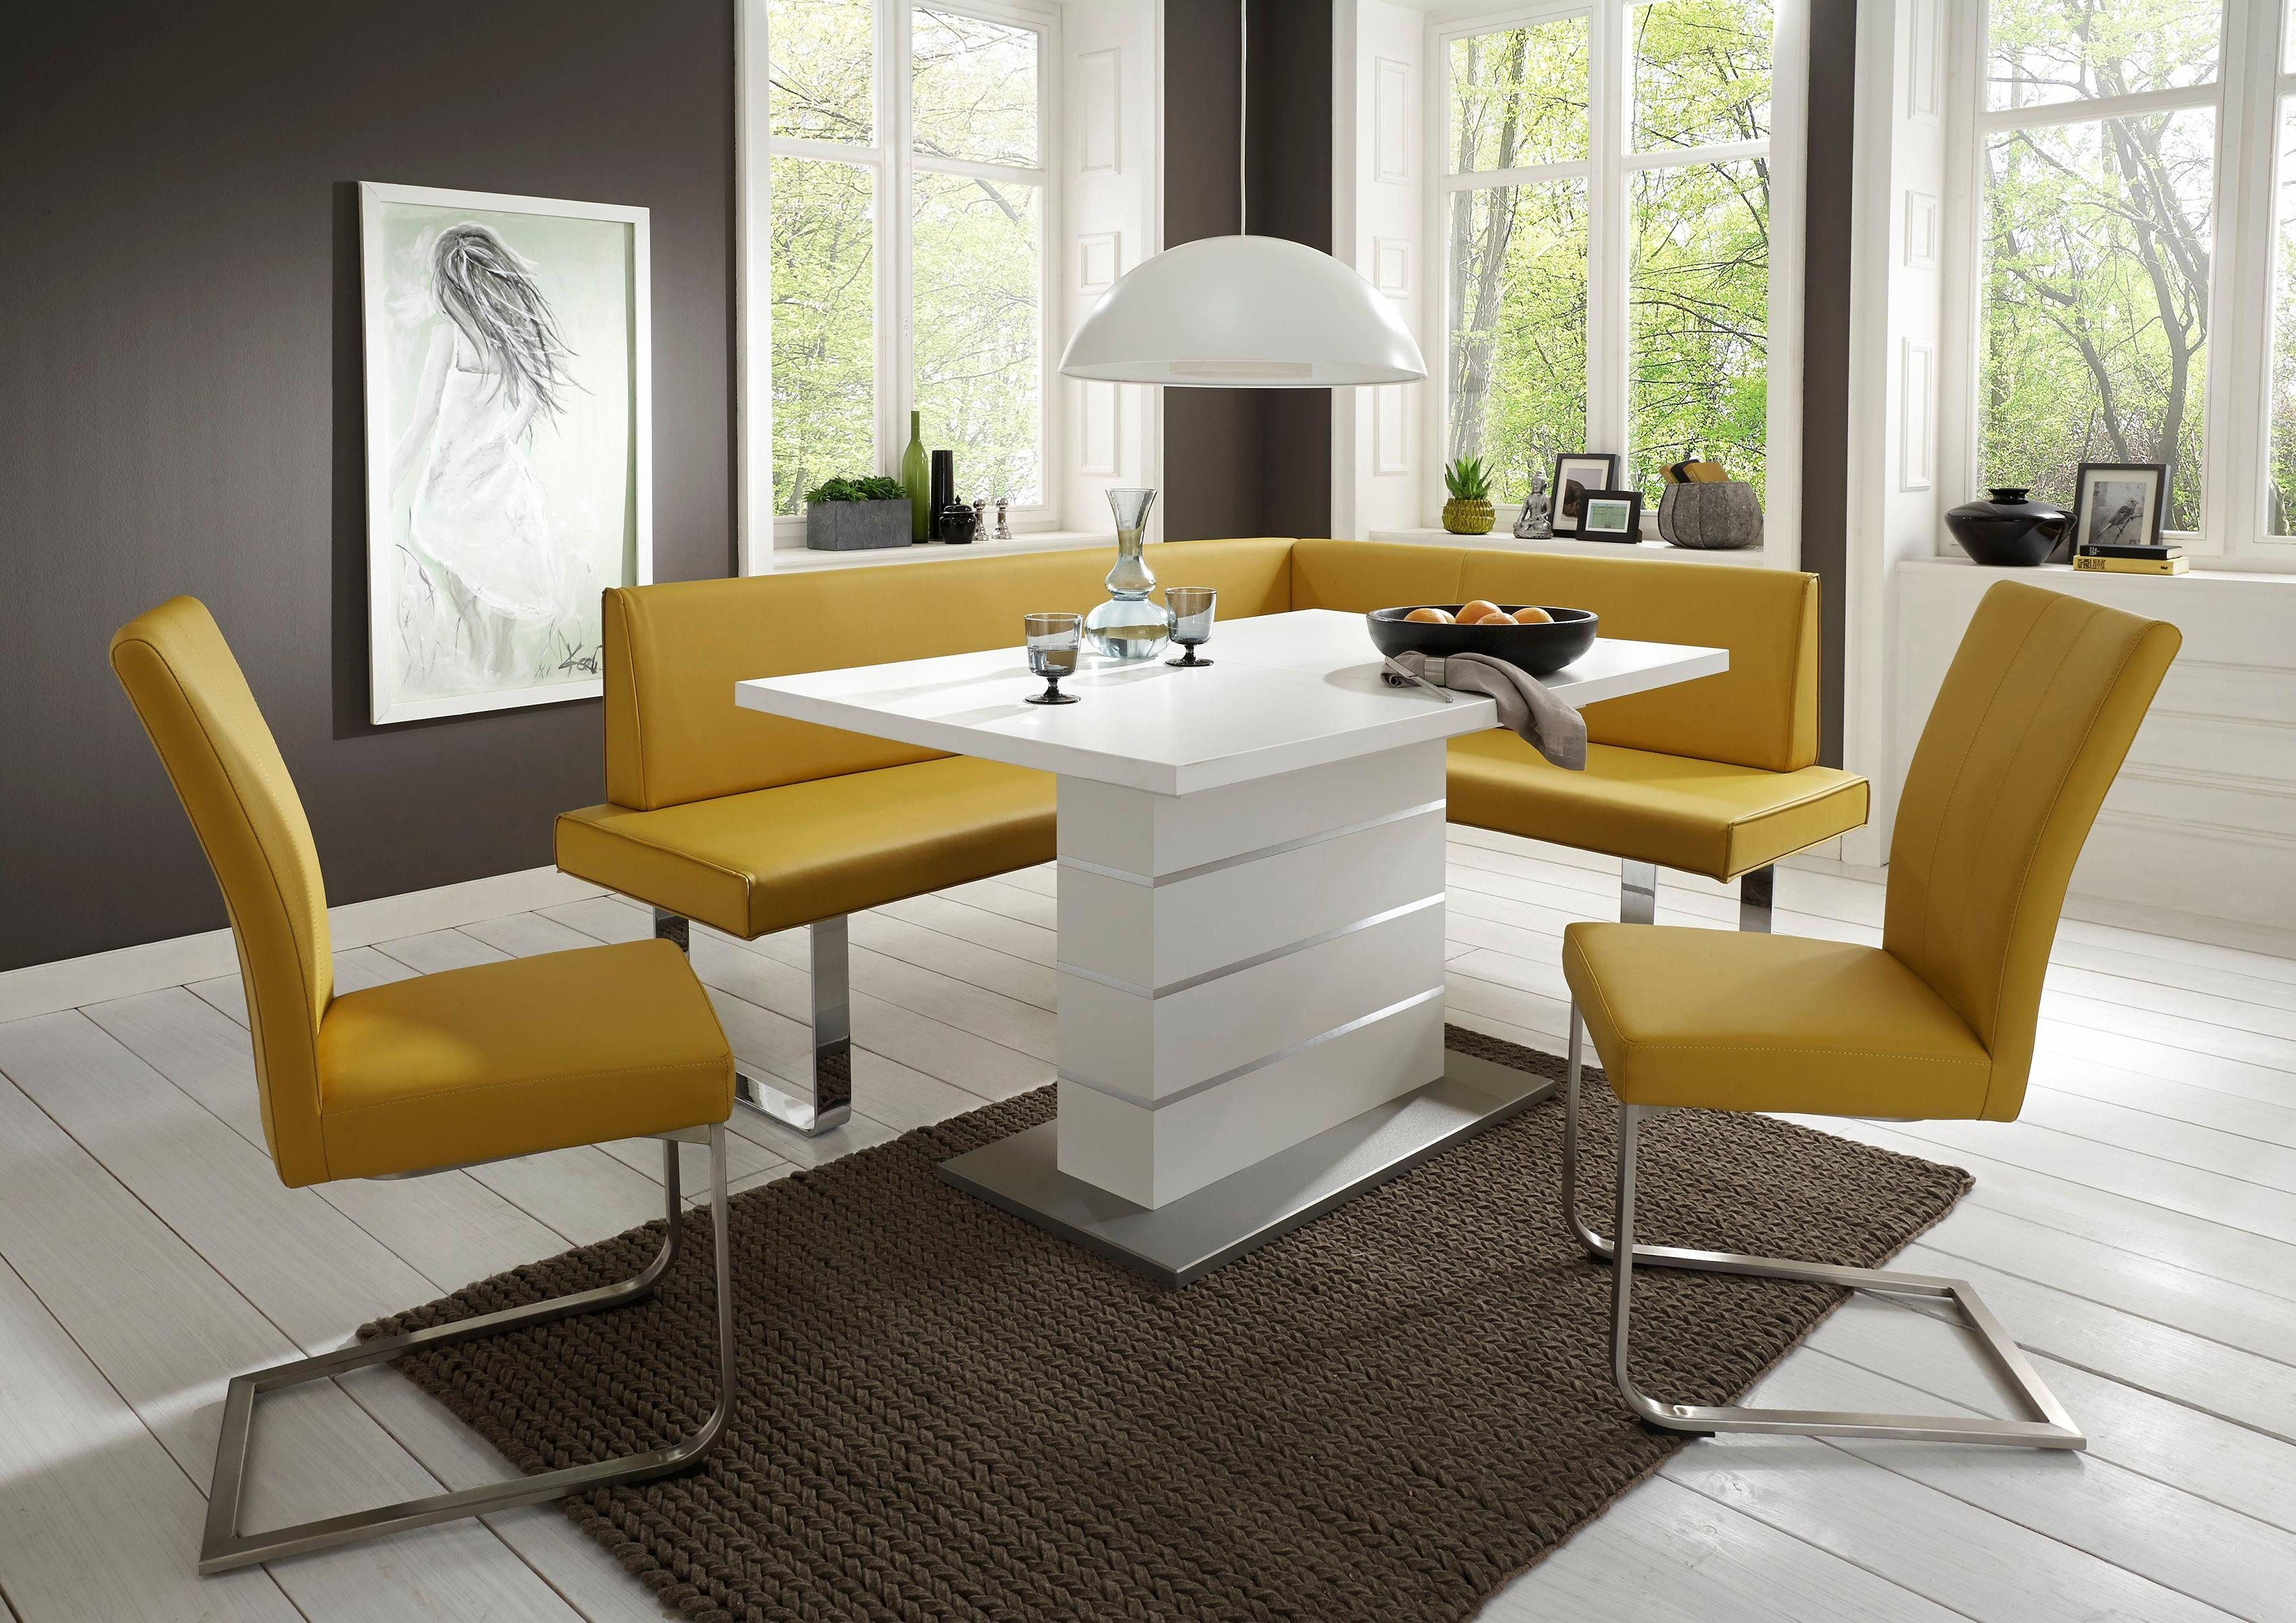 niehoff sitzm bel eckbank nicola modernes design mit geb rstetem edelstahl hartwaren wohnen. Black Bedroom Furniture Sets. Home Design Ideas